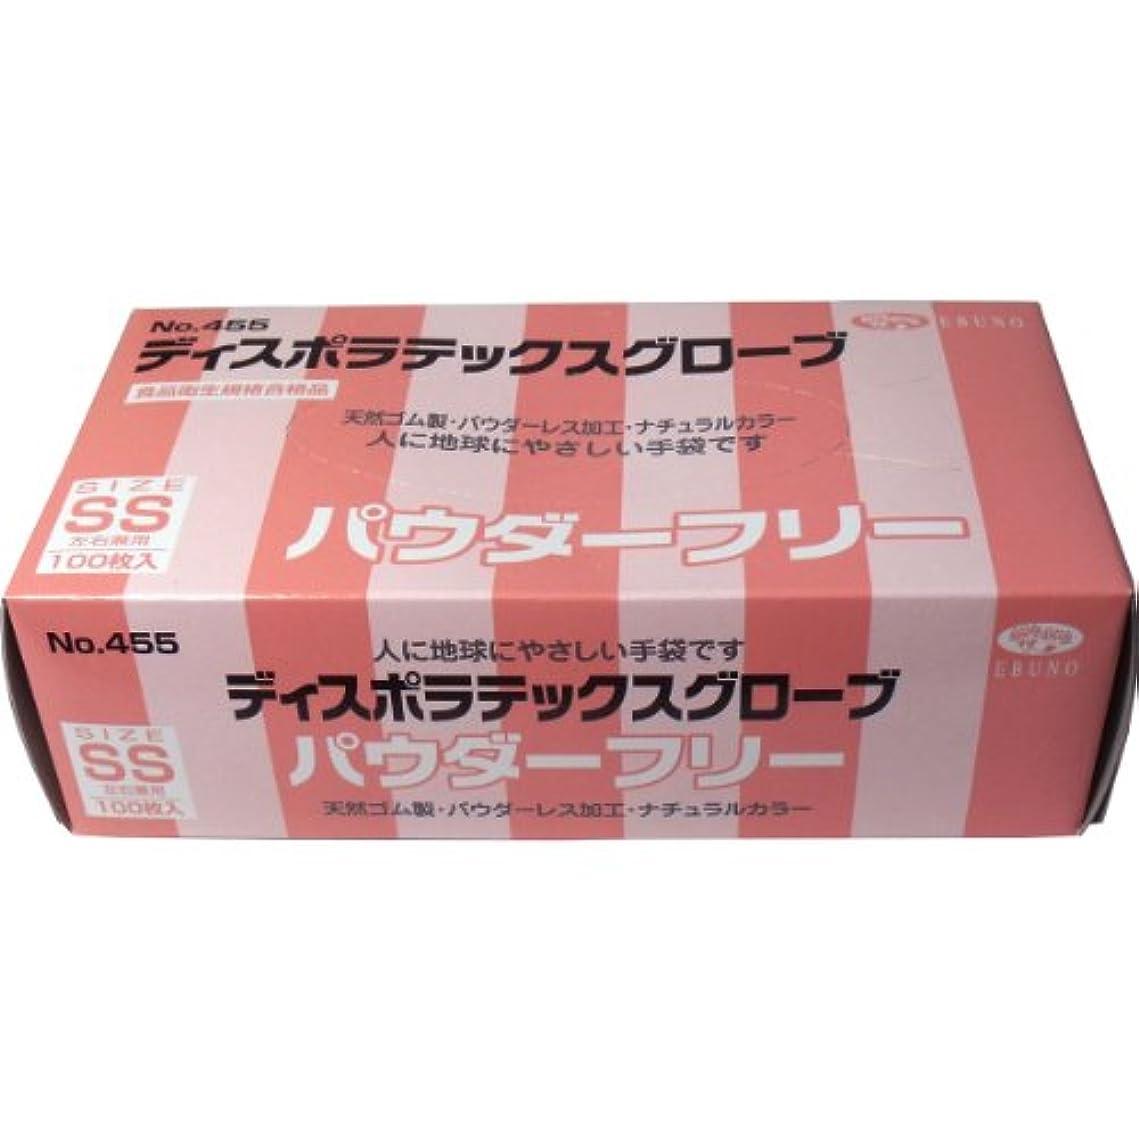 パイプラインナイトスポット魂ディスポ ラテックスグローブ(天然ゴム手袋) パウダーフリー SSサイズ 100枚入×10個セット